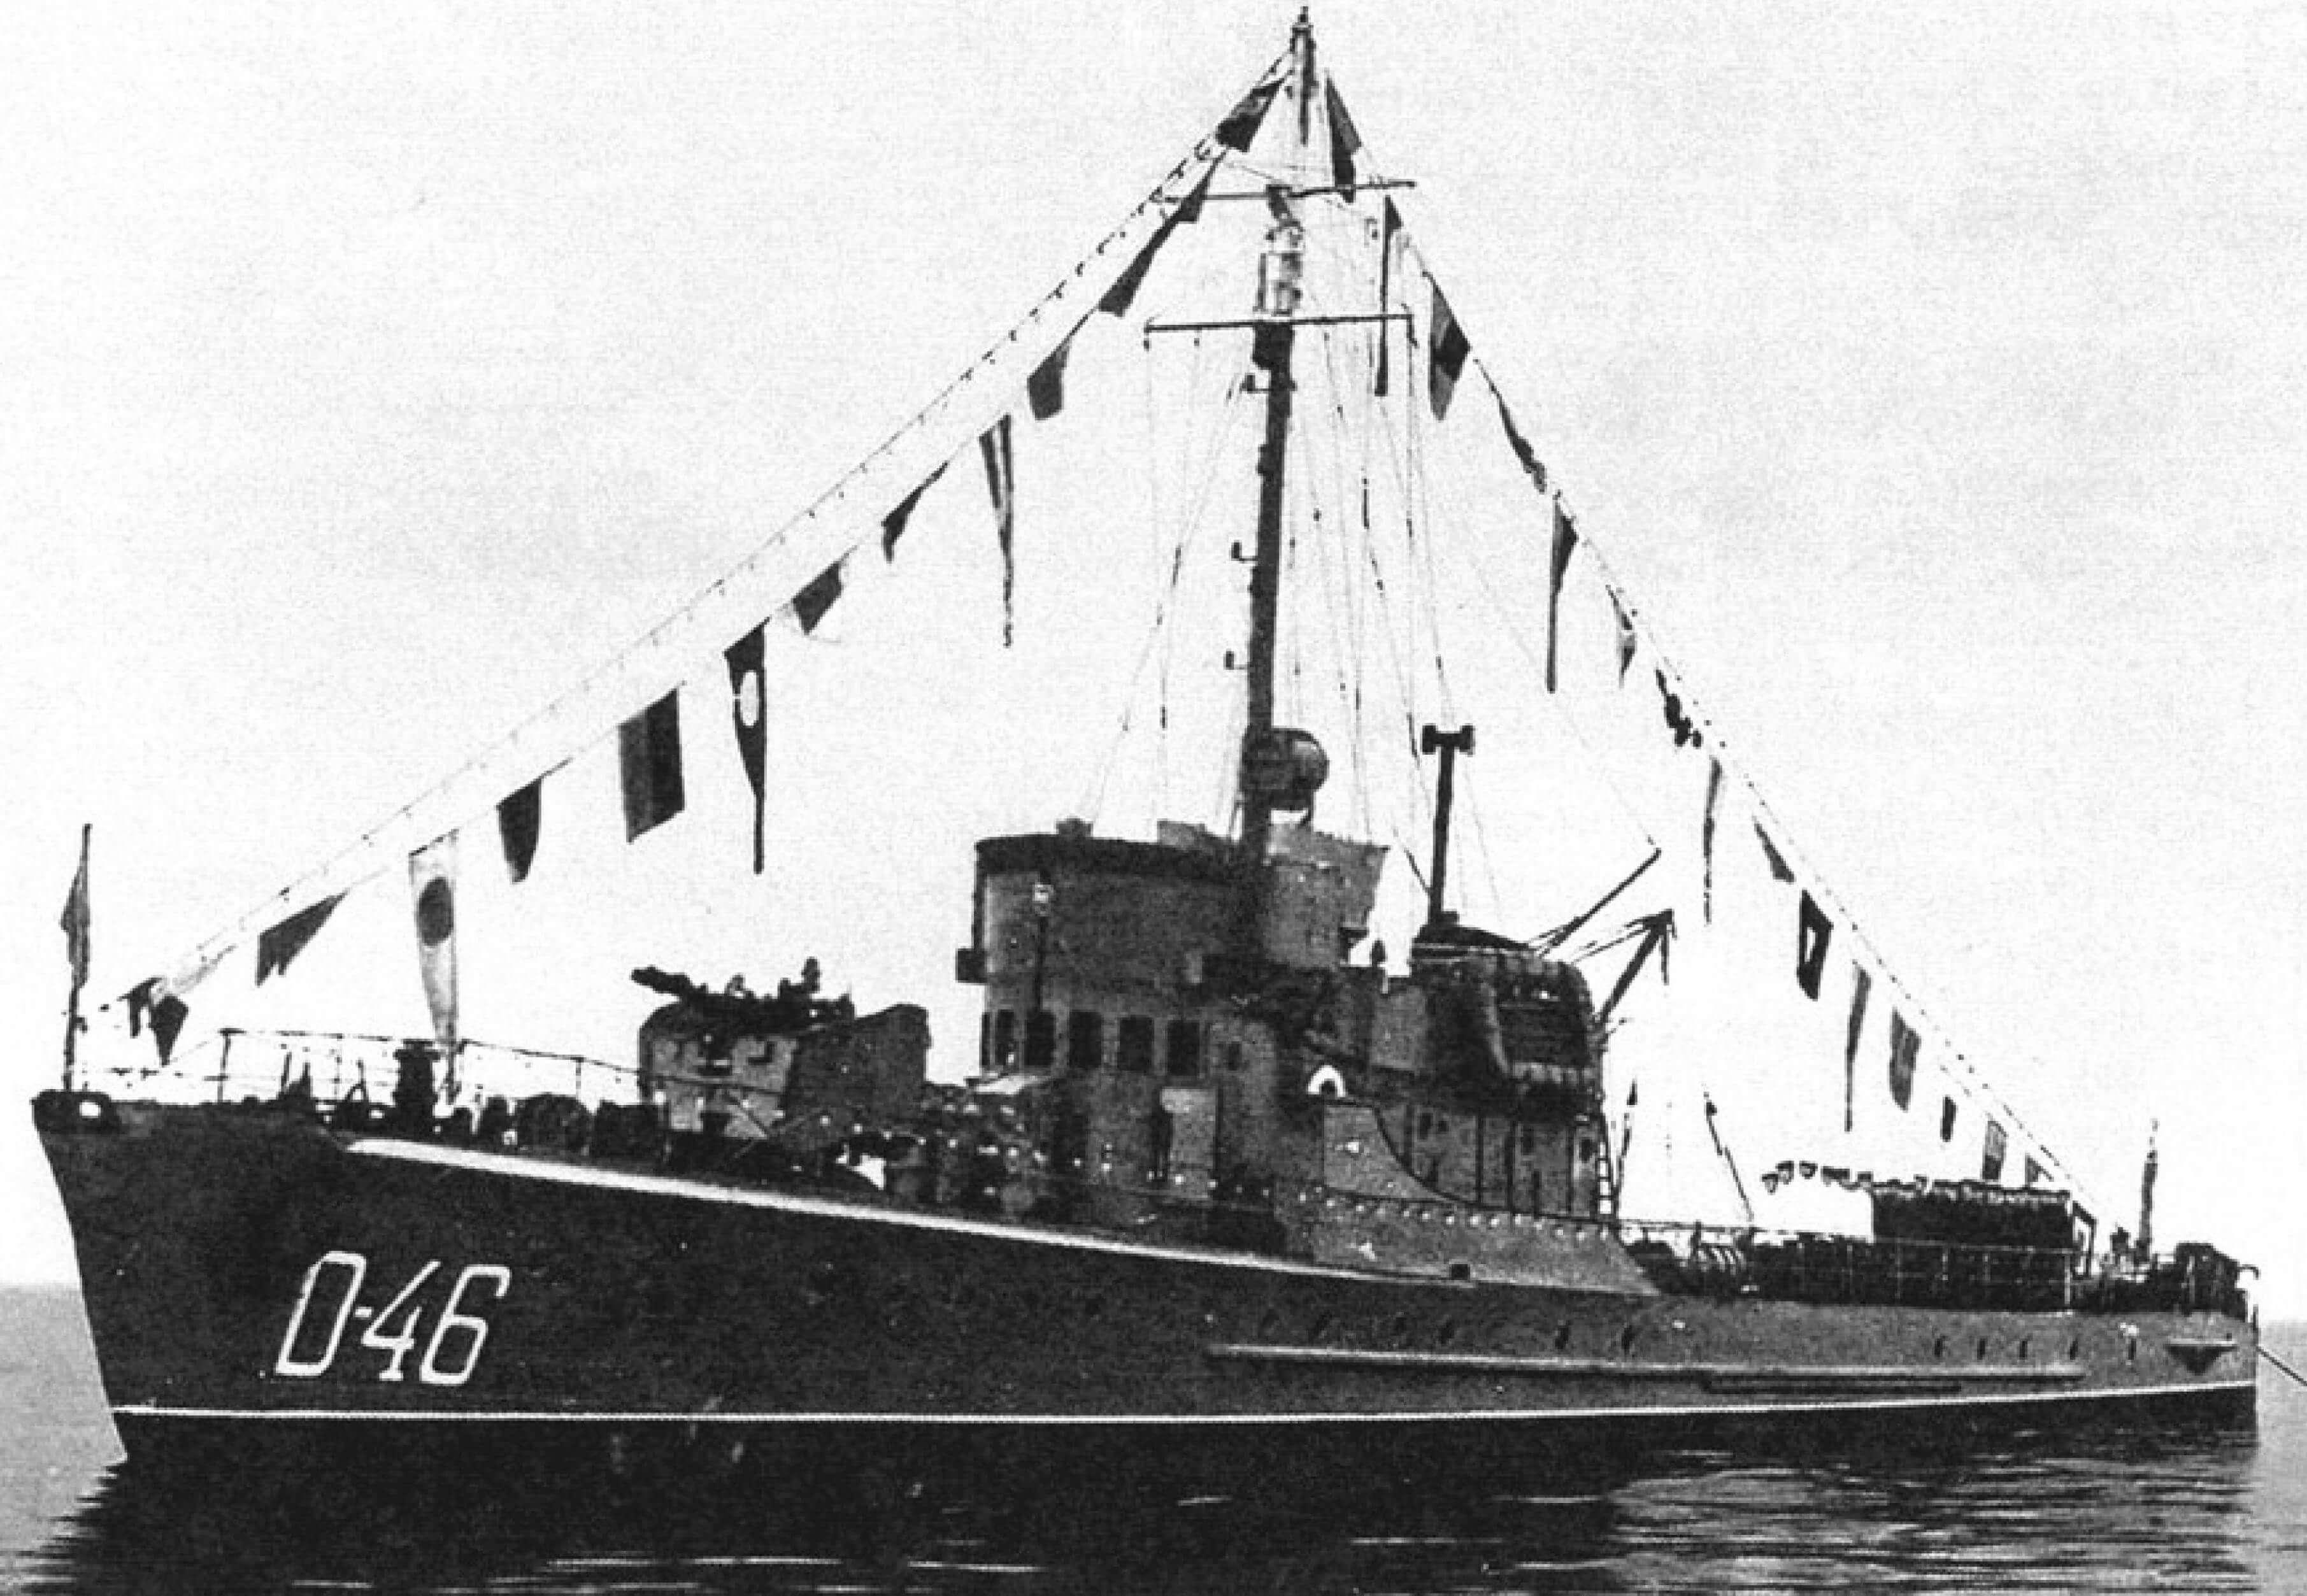 Тральщики серии «Jaskolka», переоборудованные в патрульные корабли, в дозоре (послевоенные фото)